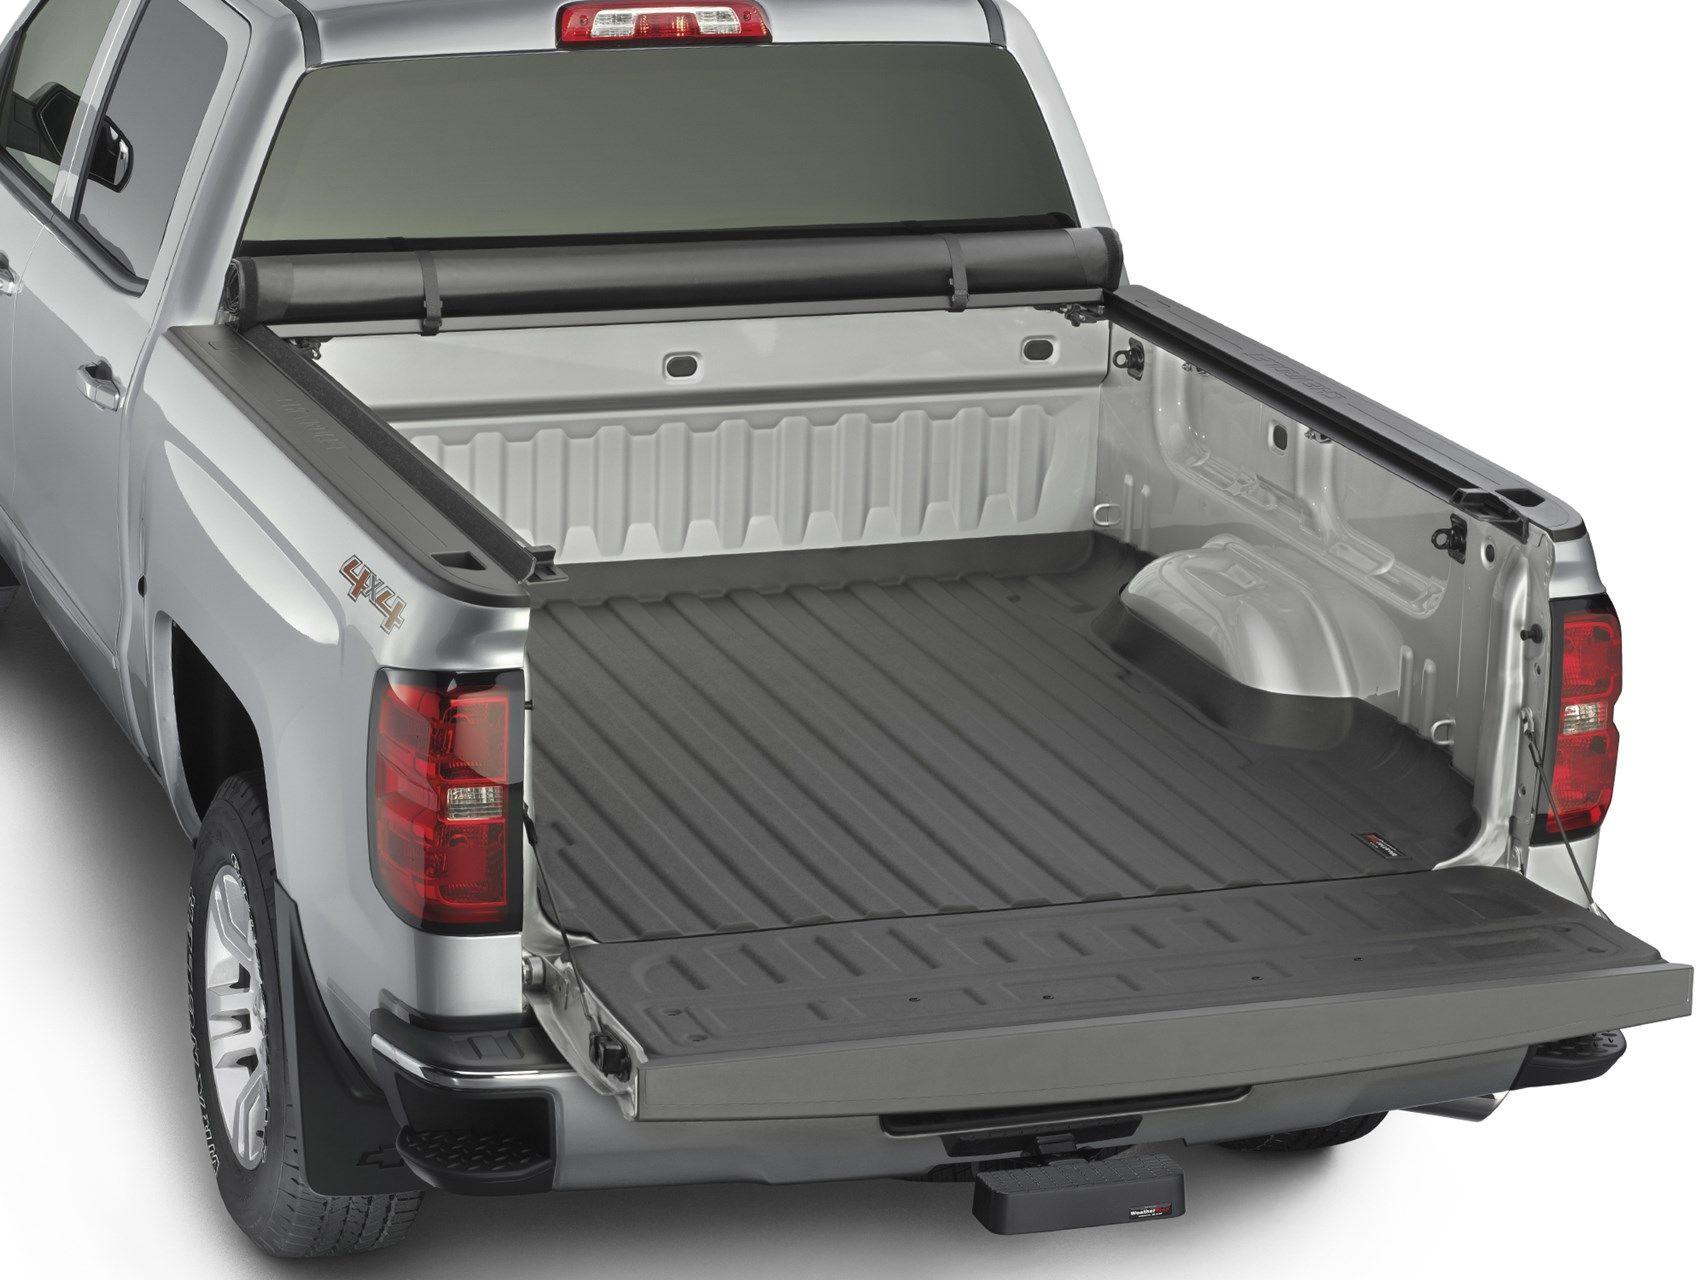 Weathertech mats part source - Weathertech Roll Up Truck Bed Cover Weathertech Com